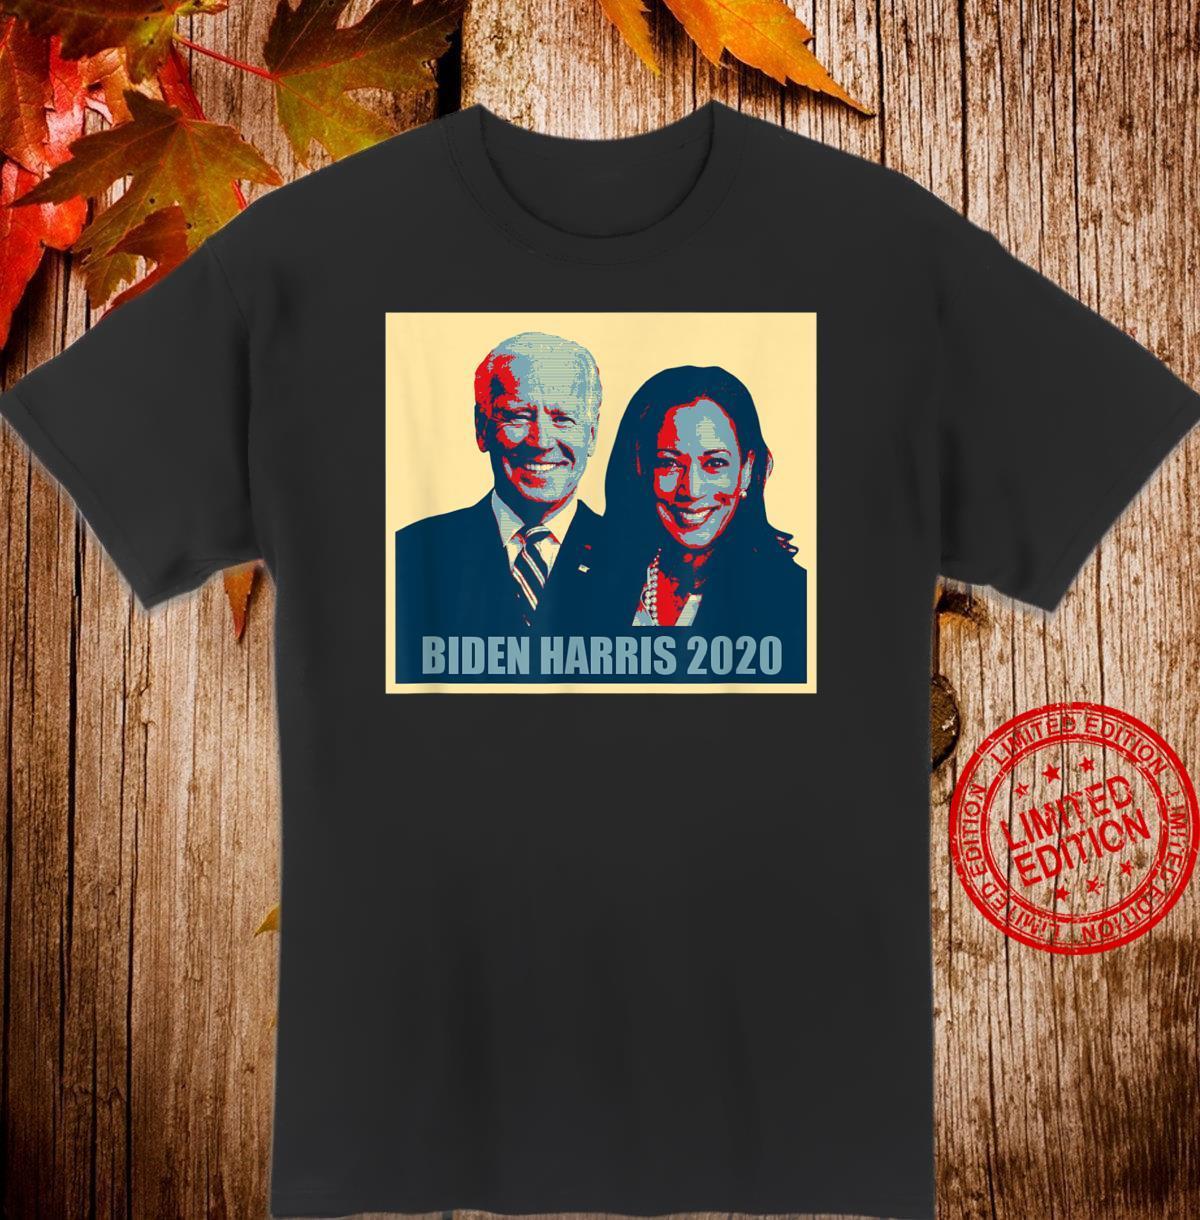 Biden Harris 2020 Election Vote Shirt